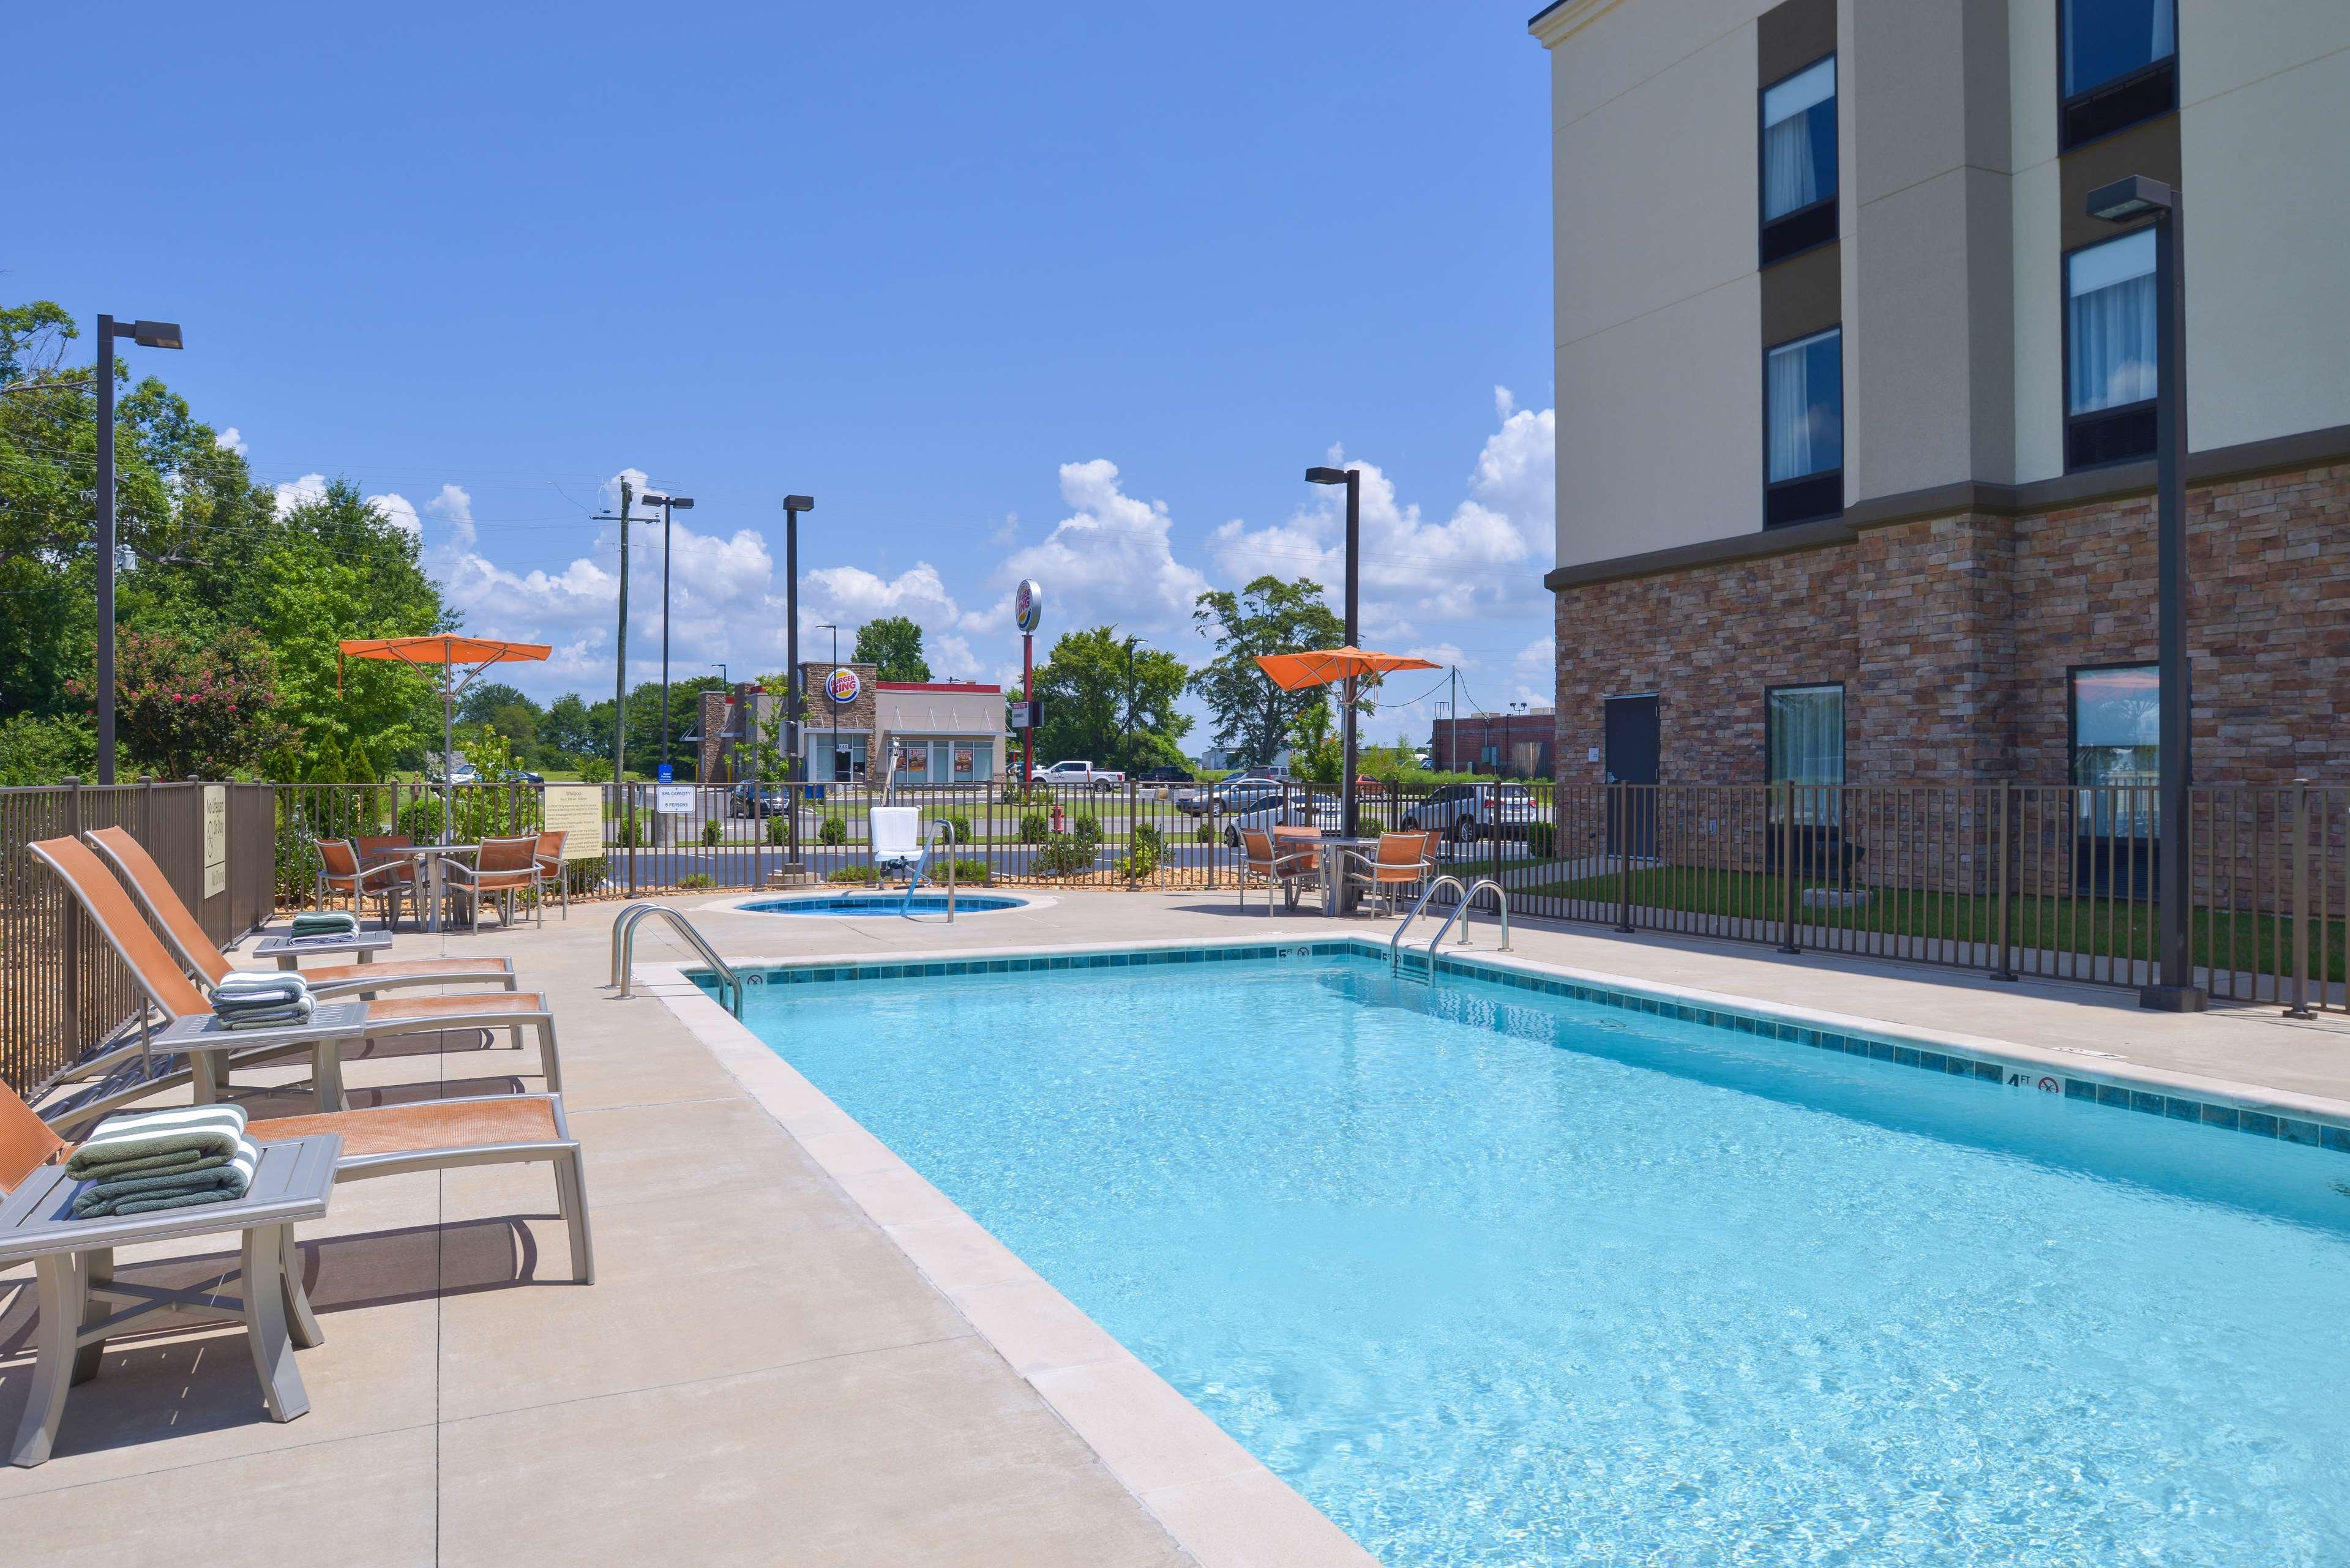 Hampton Inn & Suites Lonoke image 8